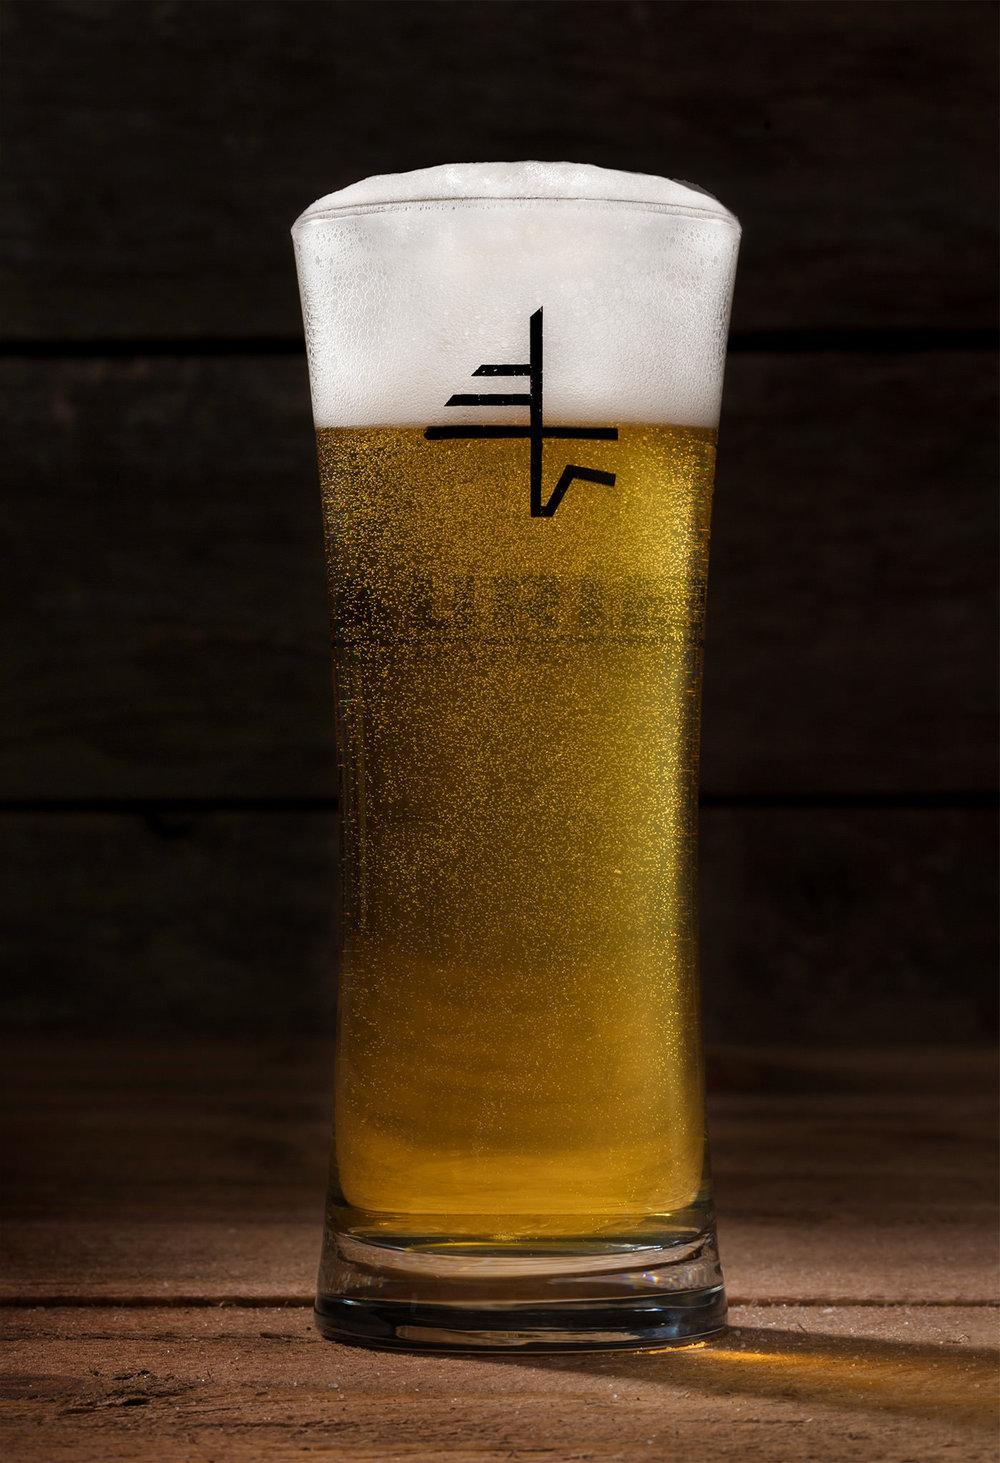 biere-vaurien-tom-barbier-photographe-alimentaire-boisson-publicite-liege-belgique-2.jpg